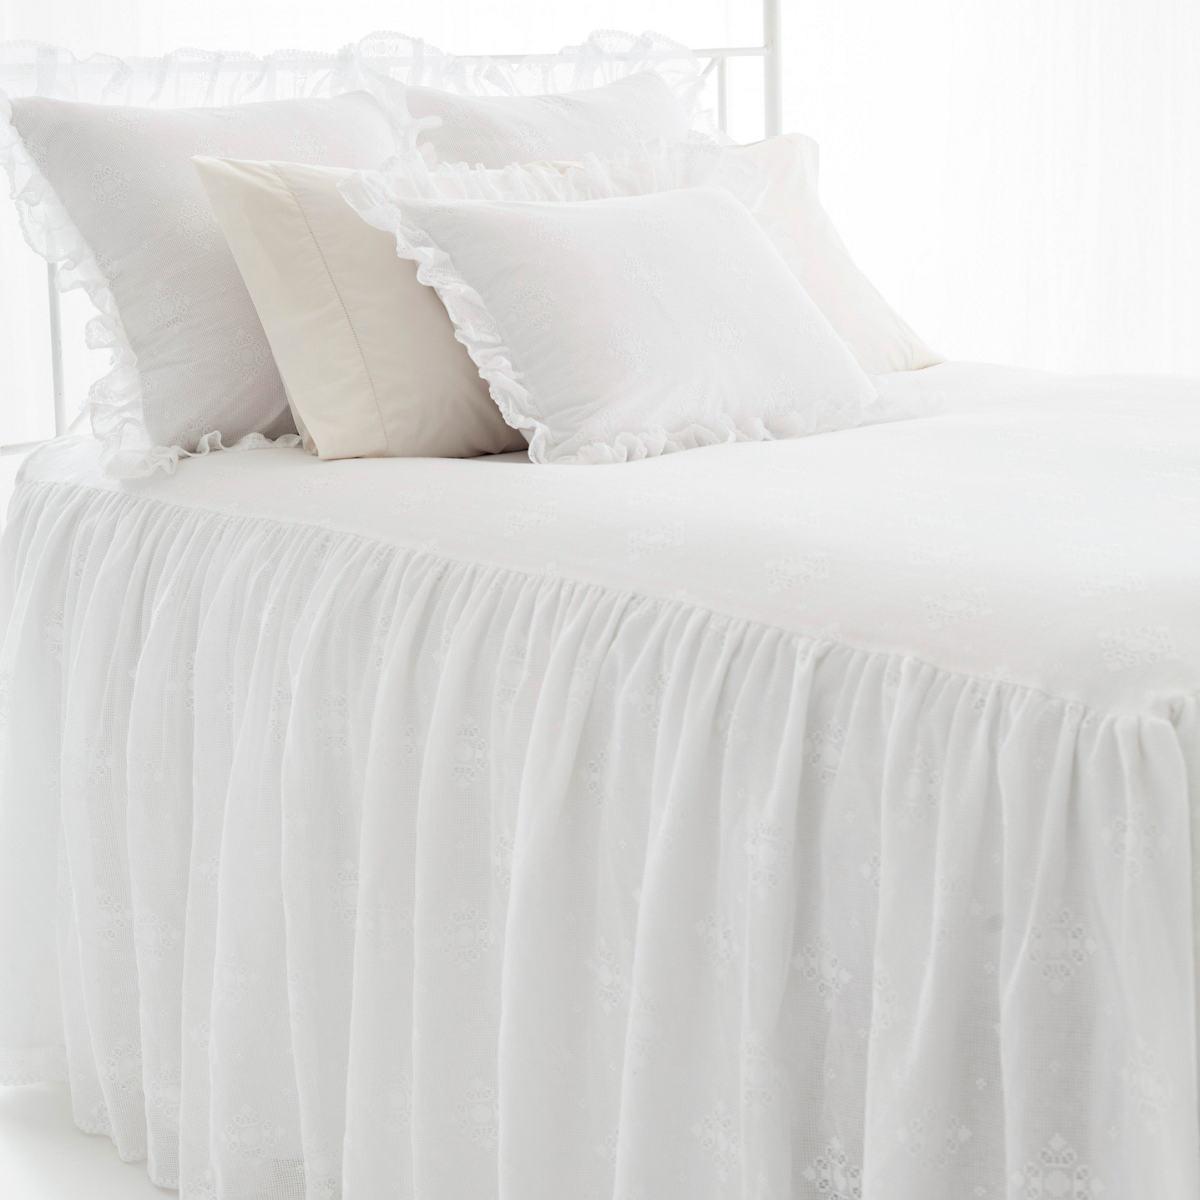 Cecily Bedspread